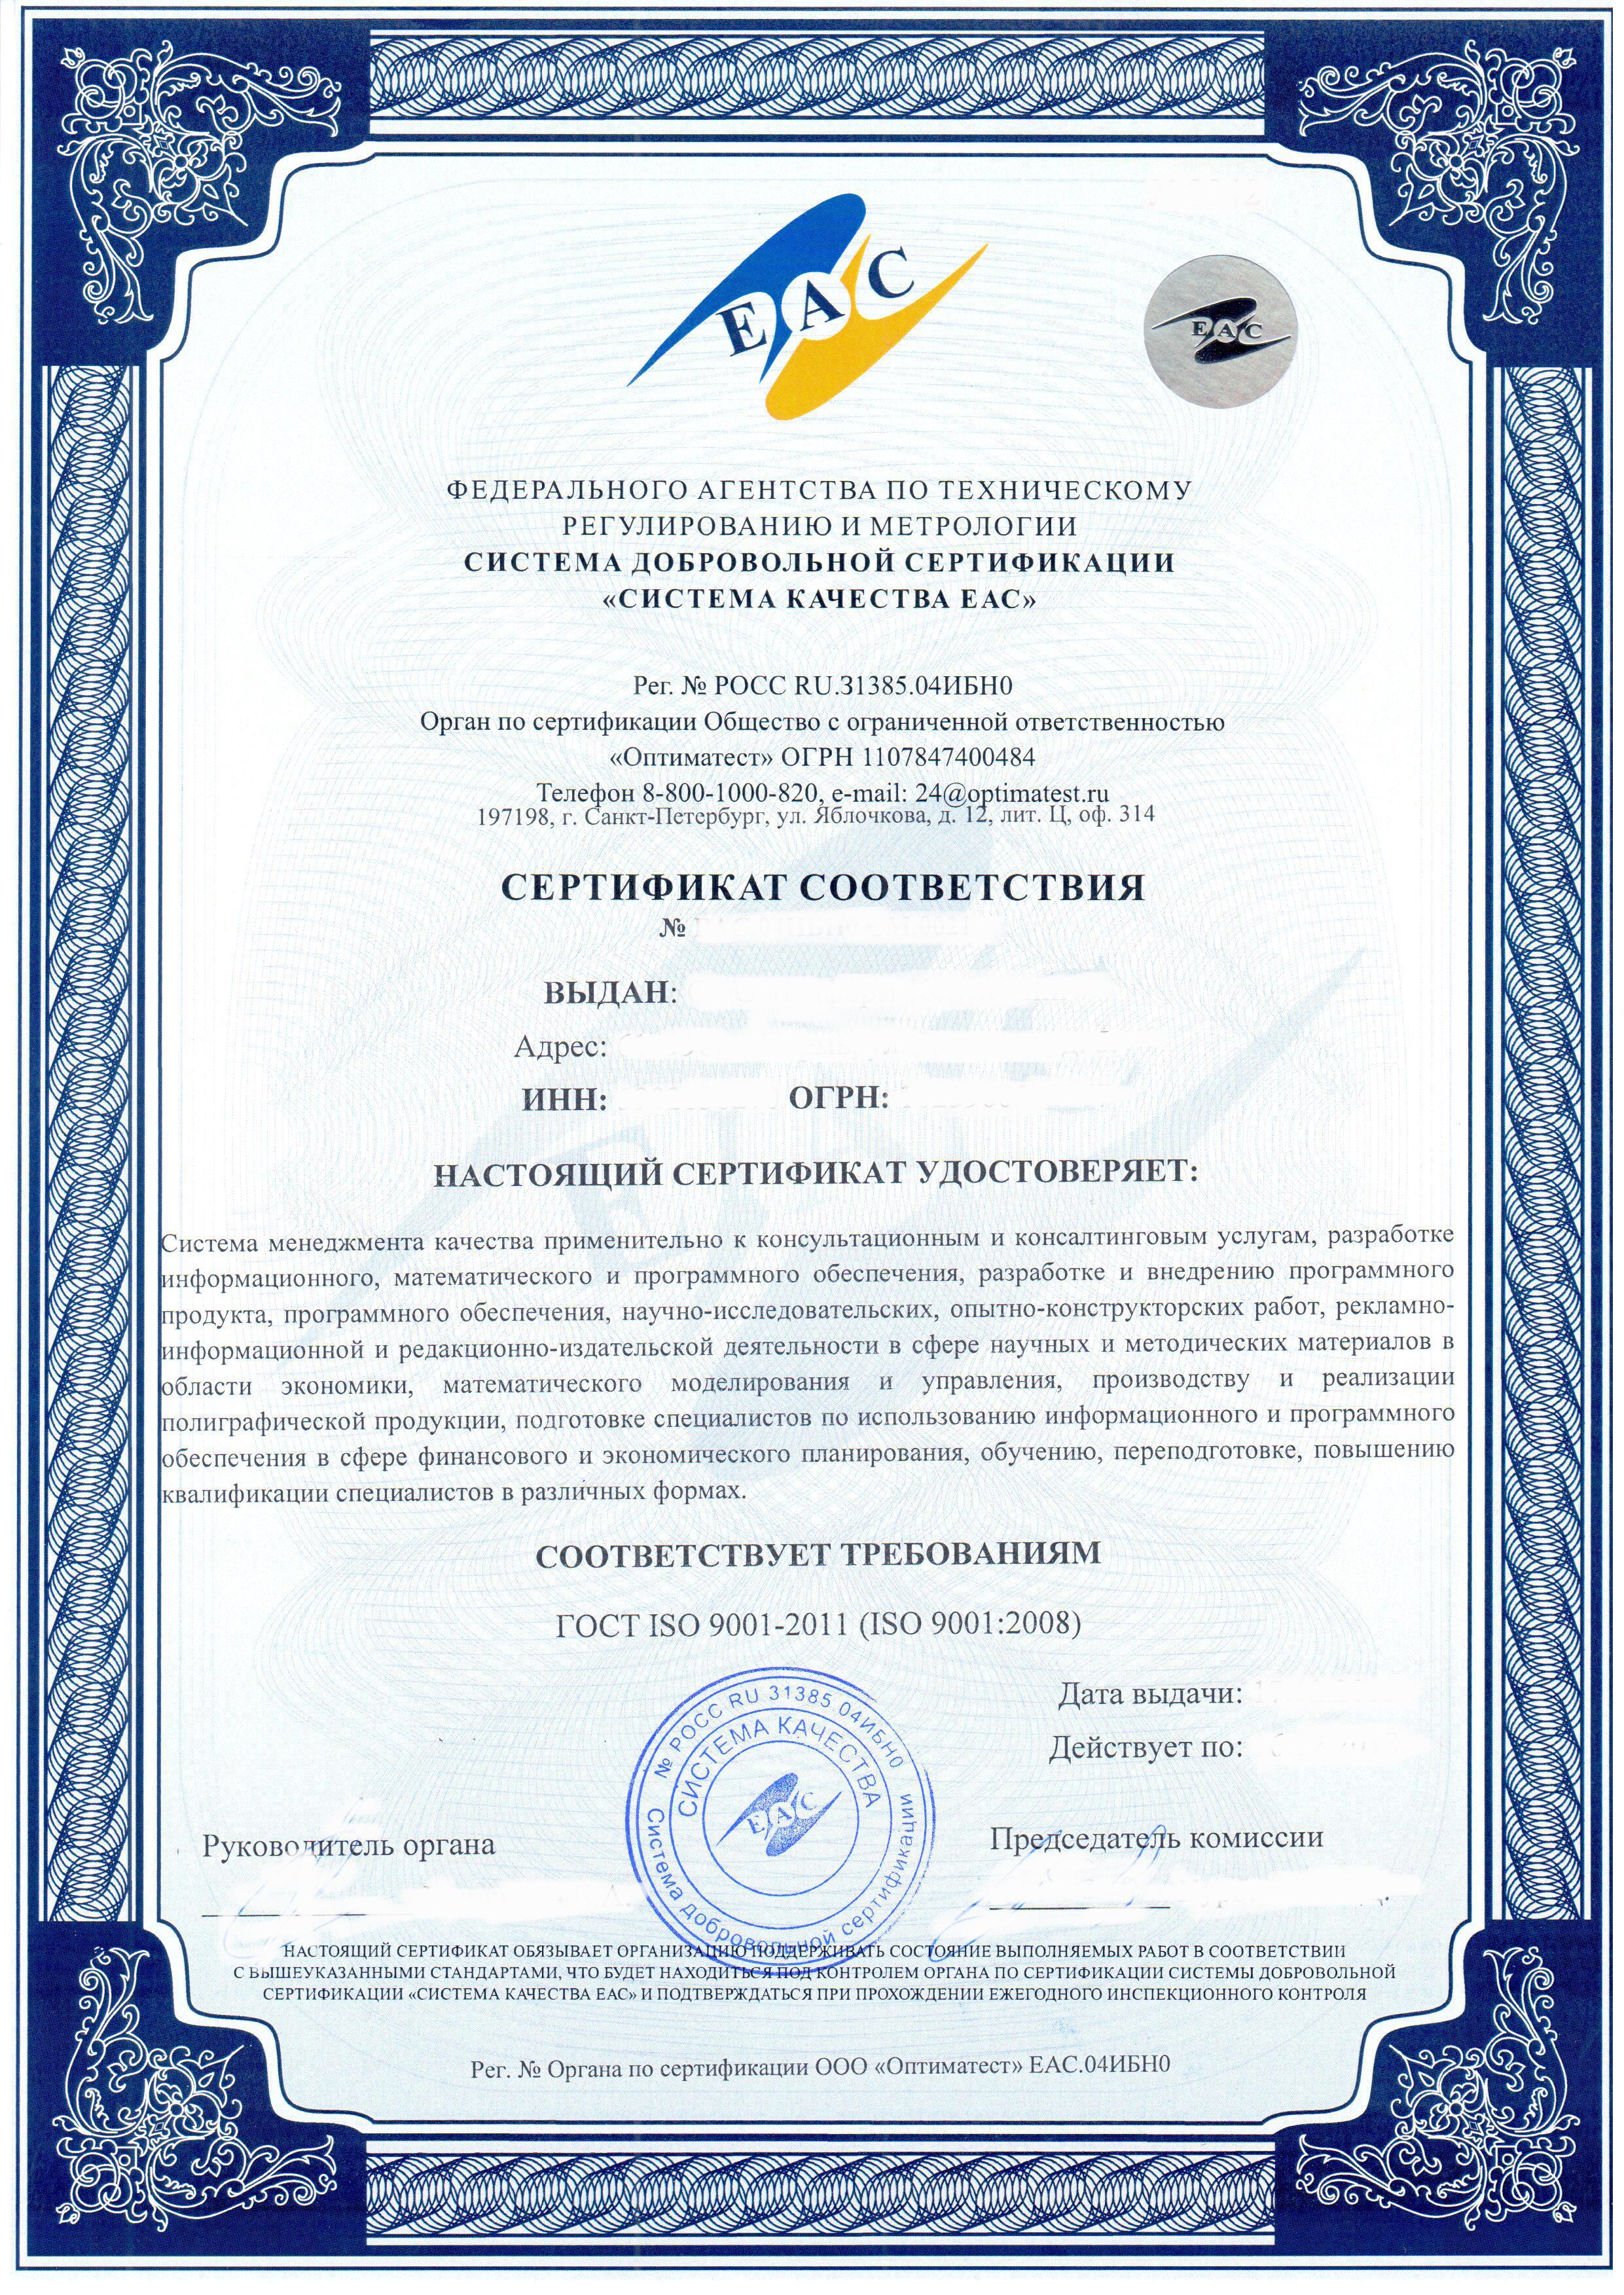 Сертификат исо гост р 9001.